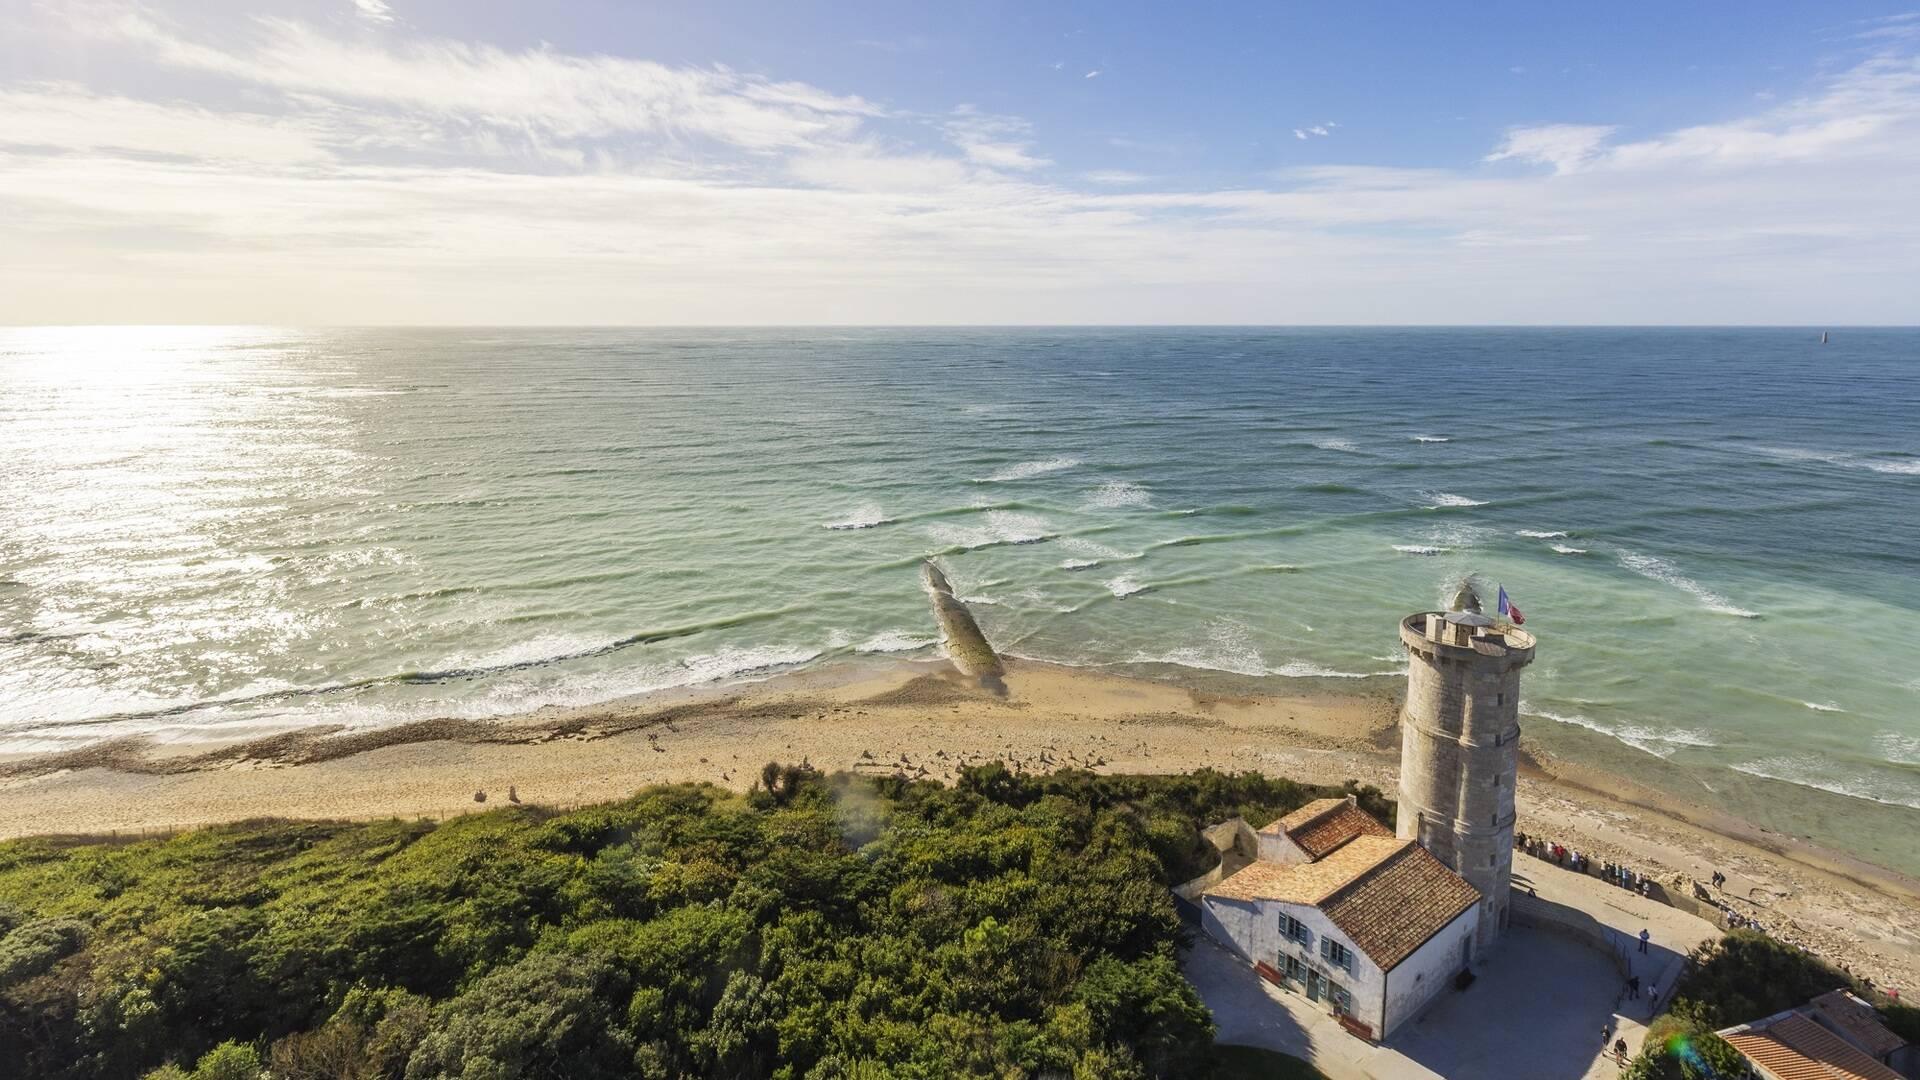 Vue depuis le phare des Baleines - ©Shutterstock